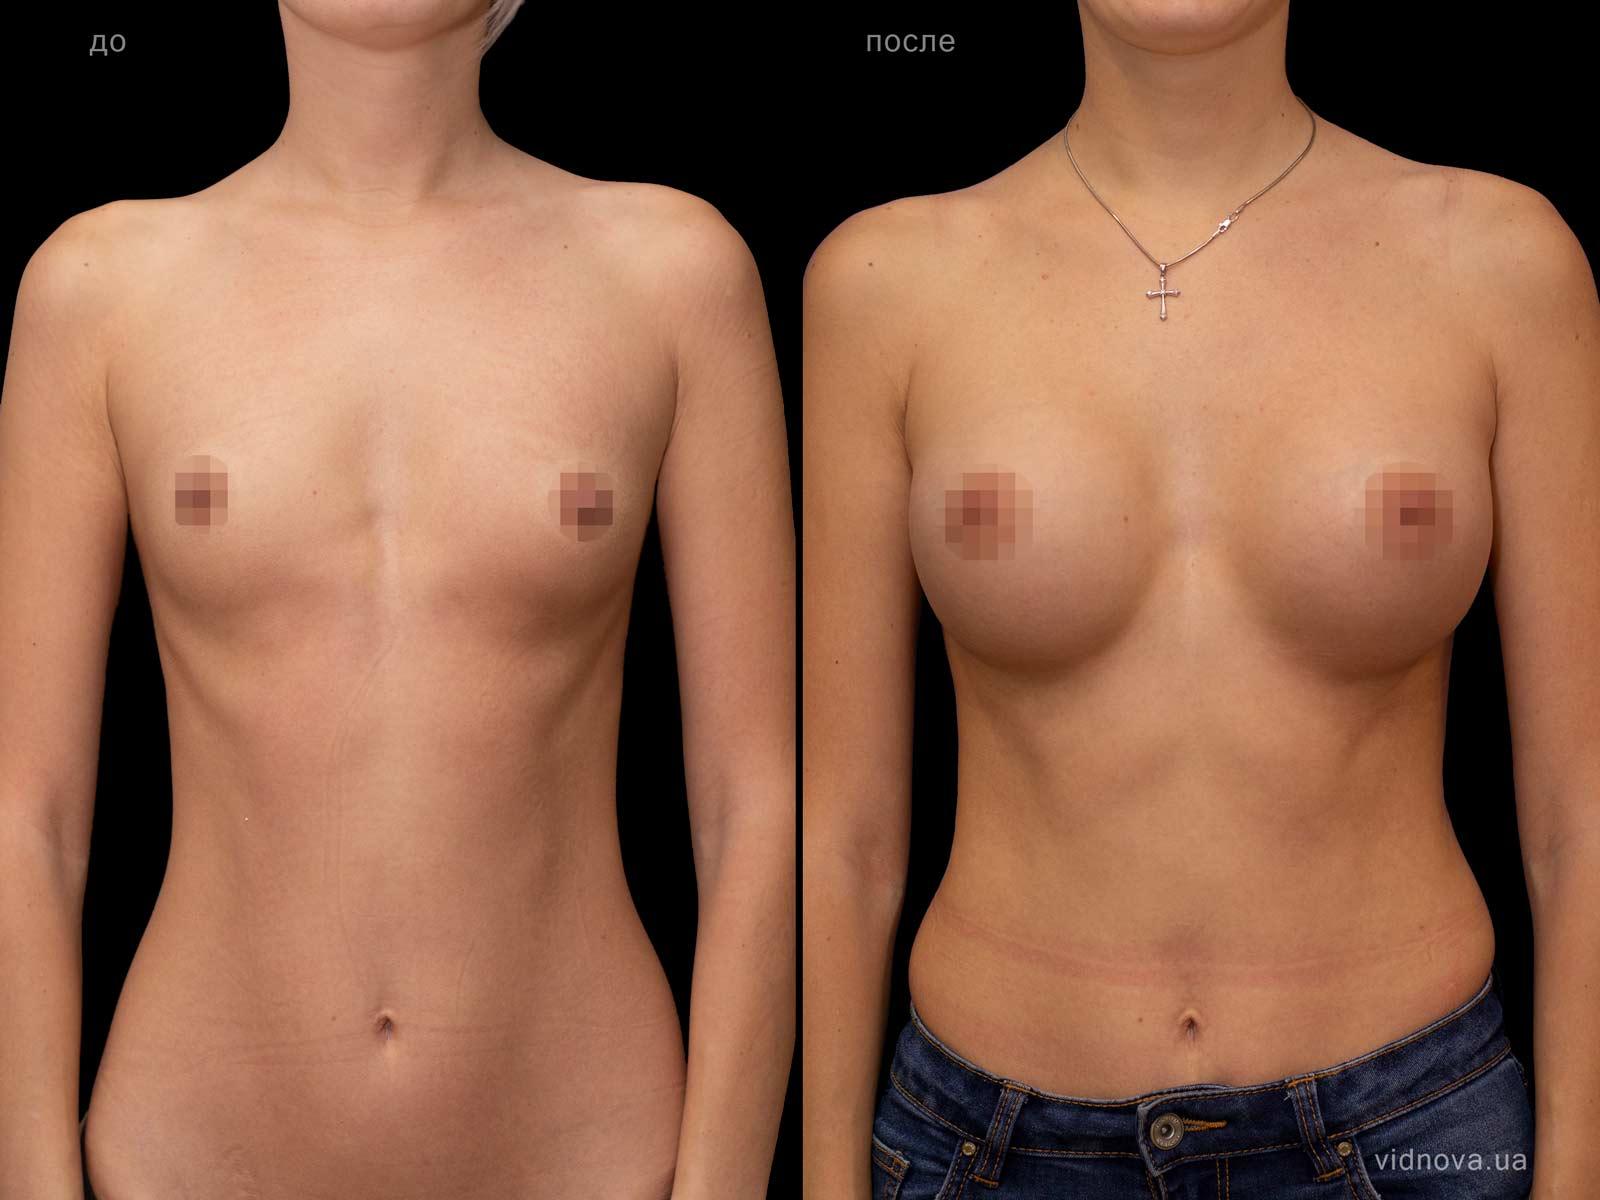 Пластика груди: результаты до и после - Пример №75-0 - Светлана Работенко